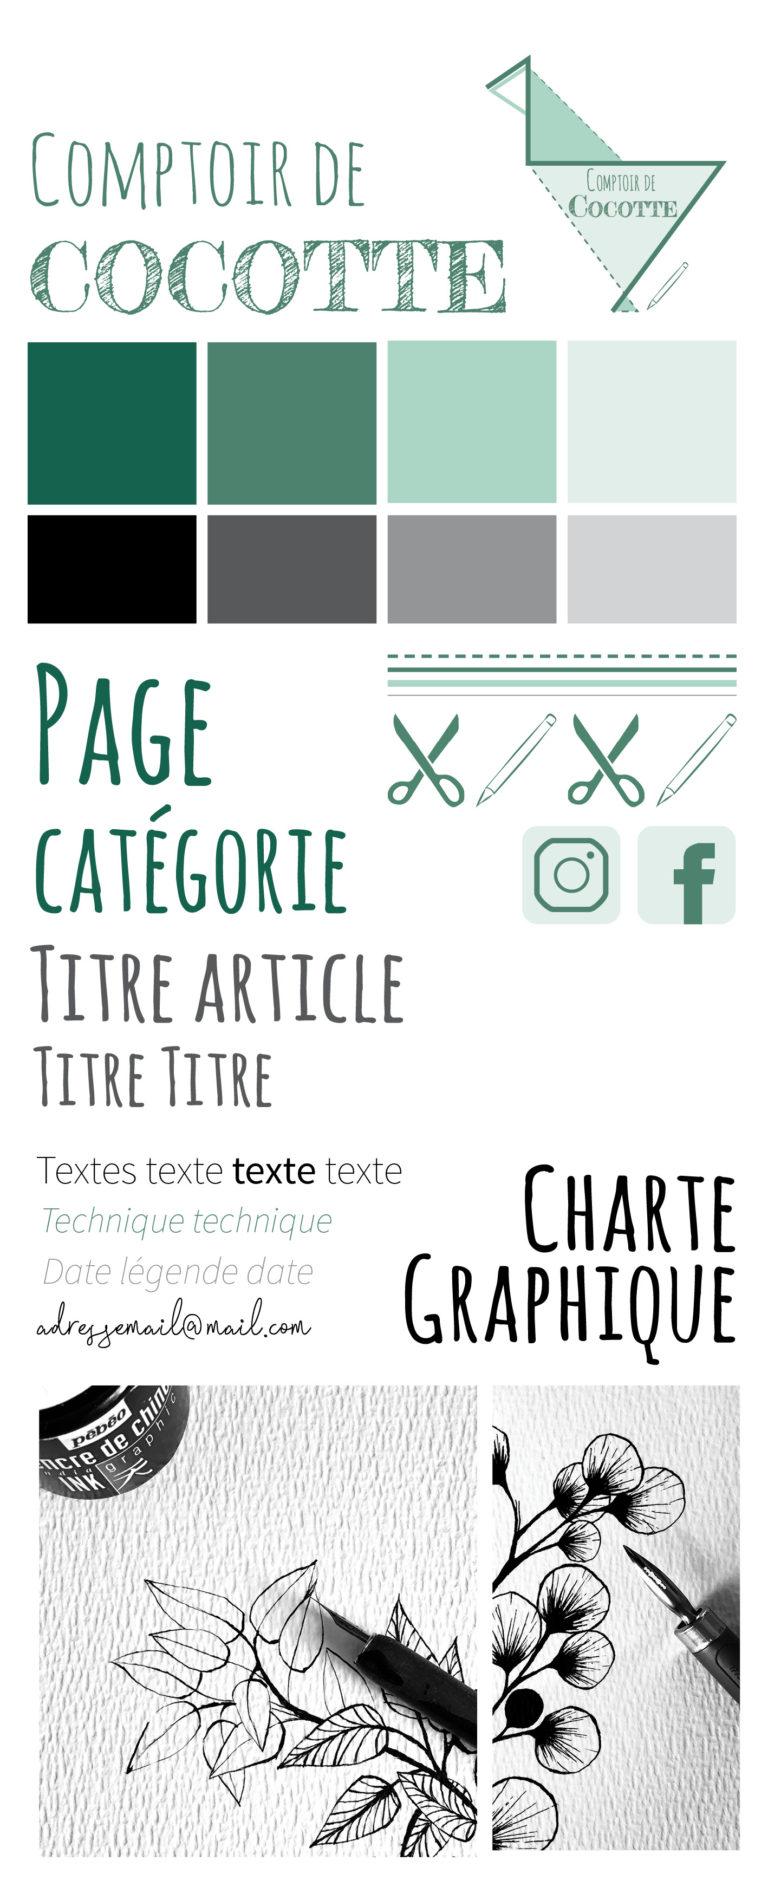 Charte Graphique Comptoir de Cocotte